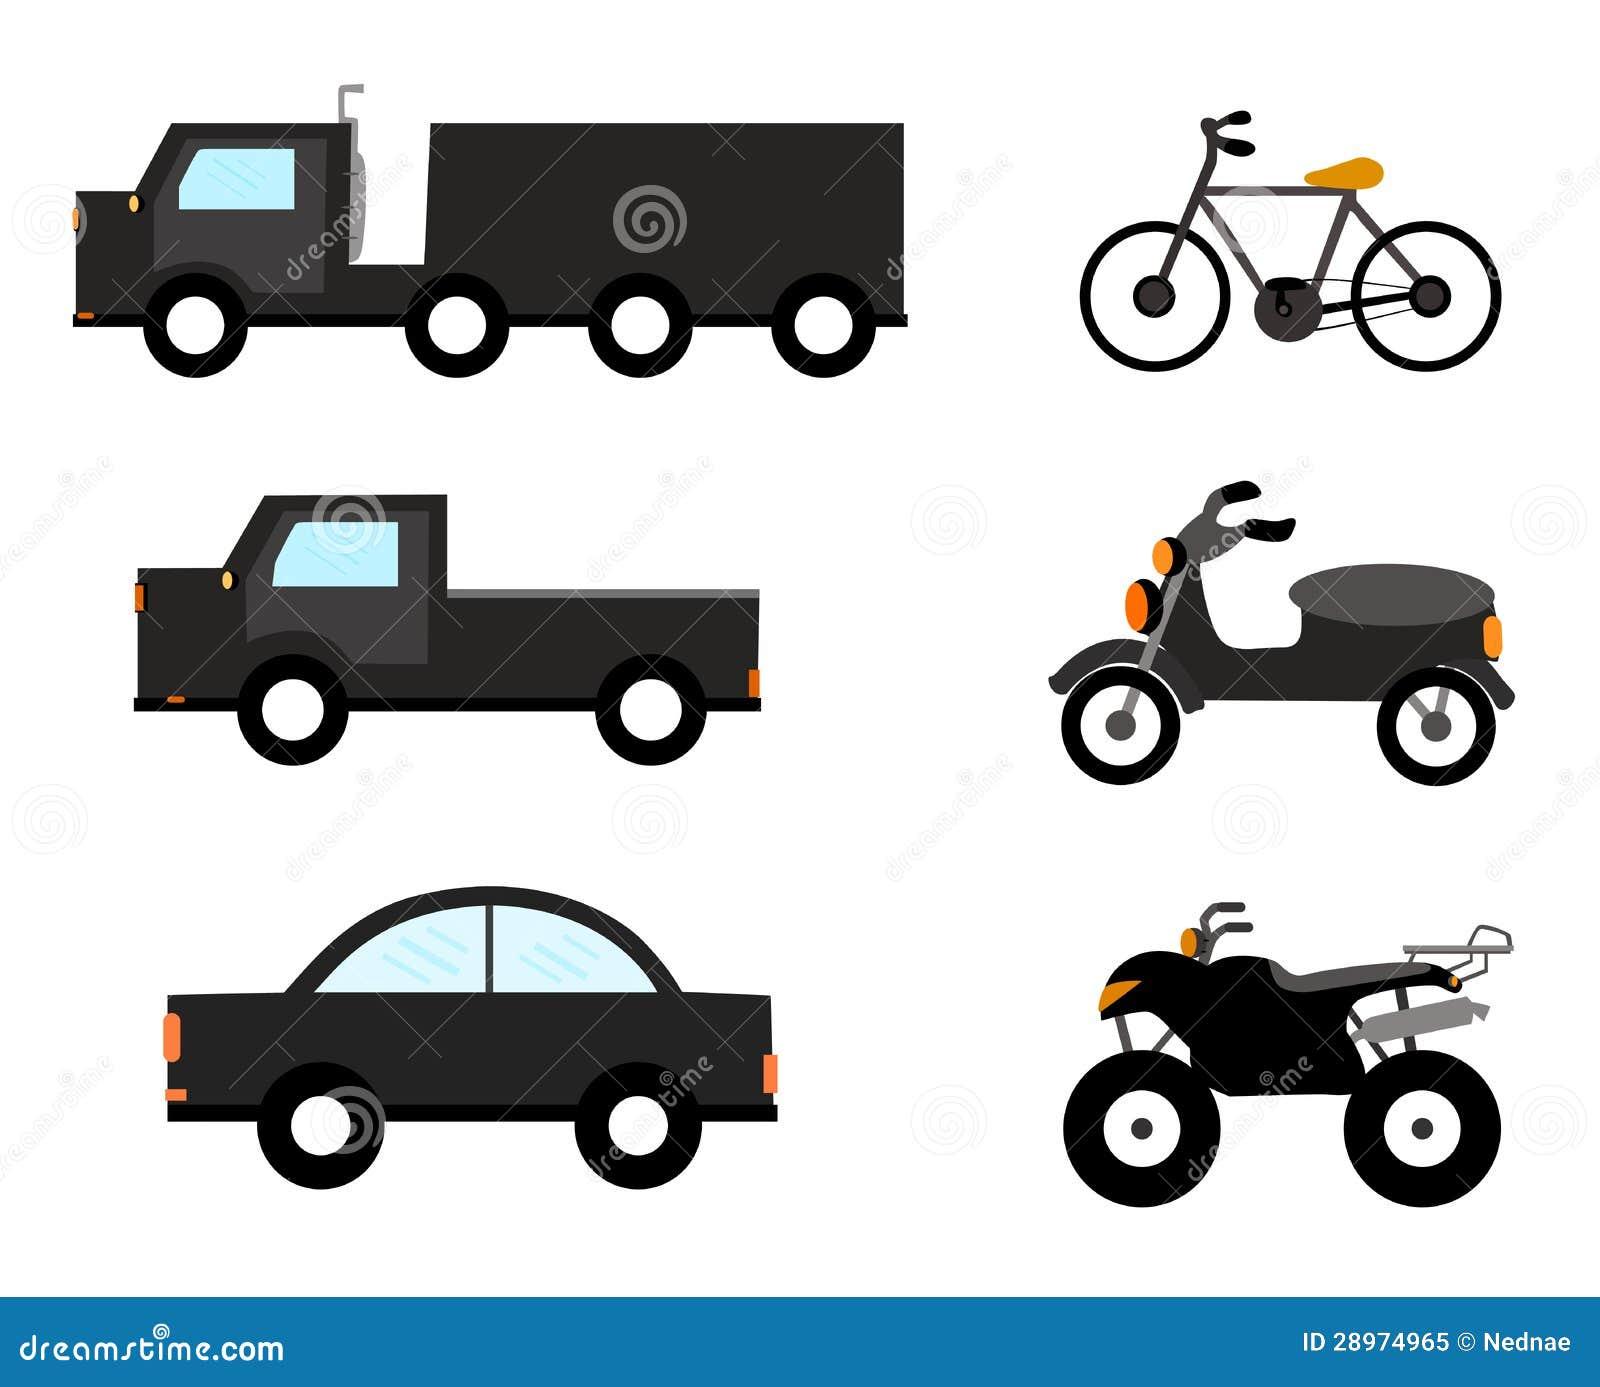 Vector car symbols stock illustration illustration of motorcycle vector car symbols biocorpaavc Gallery